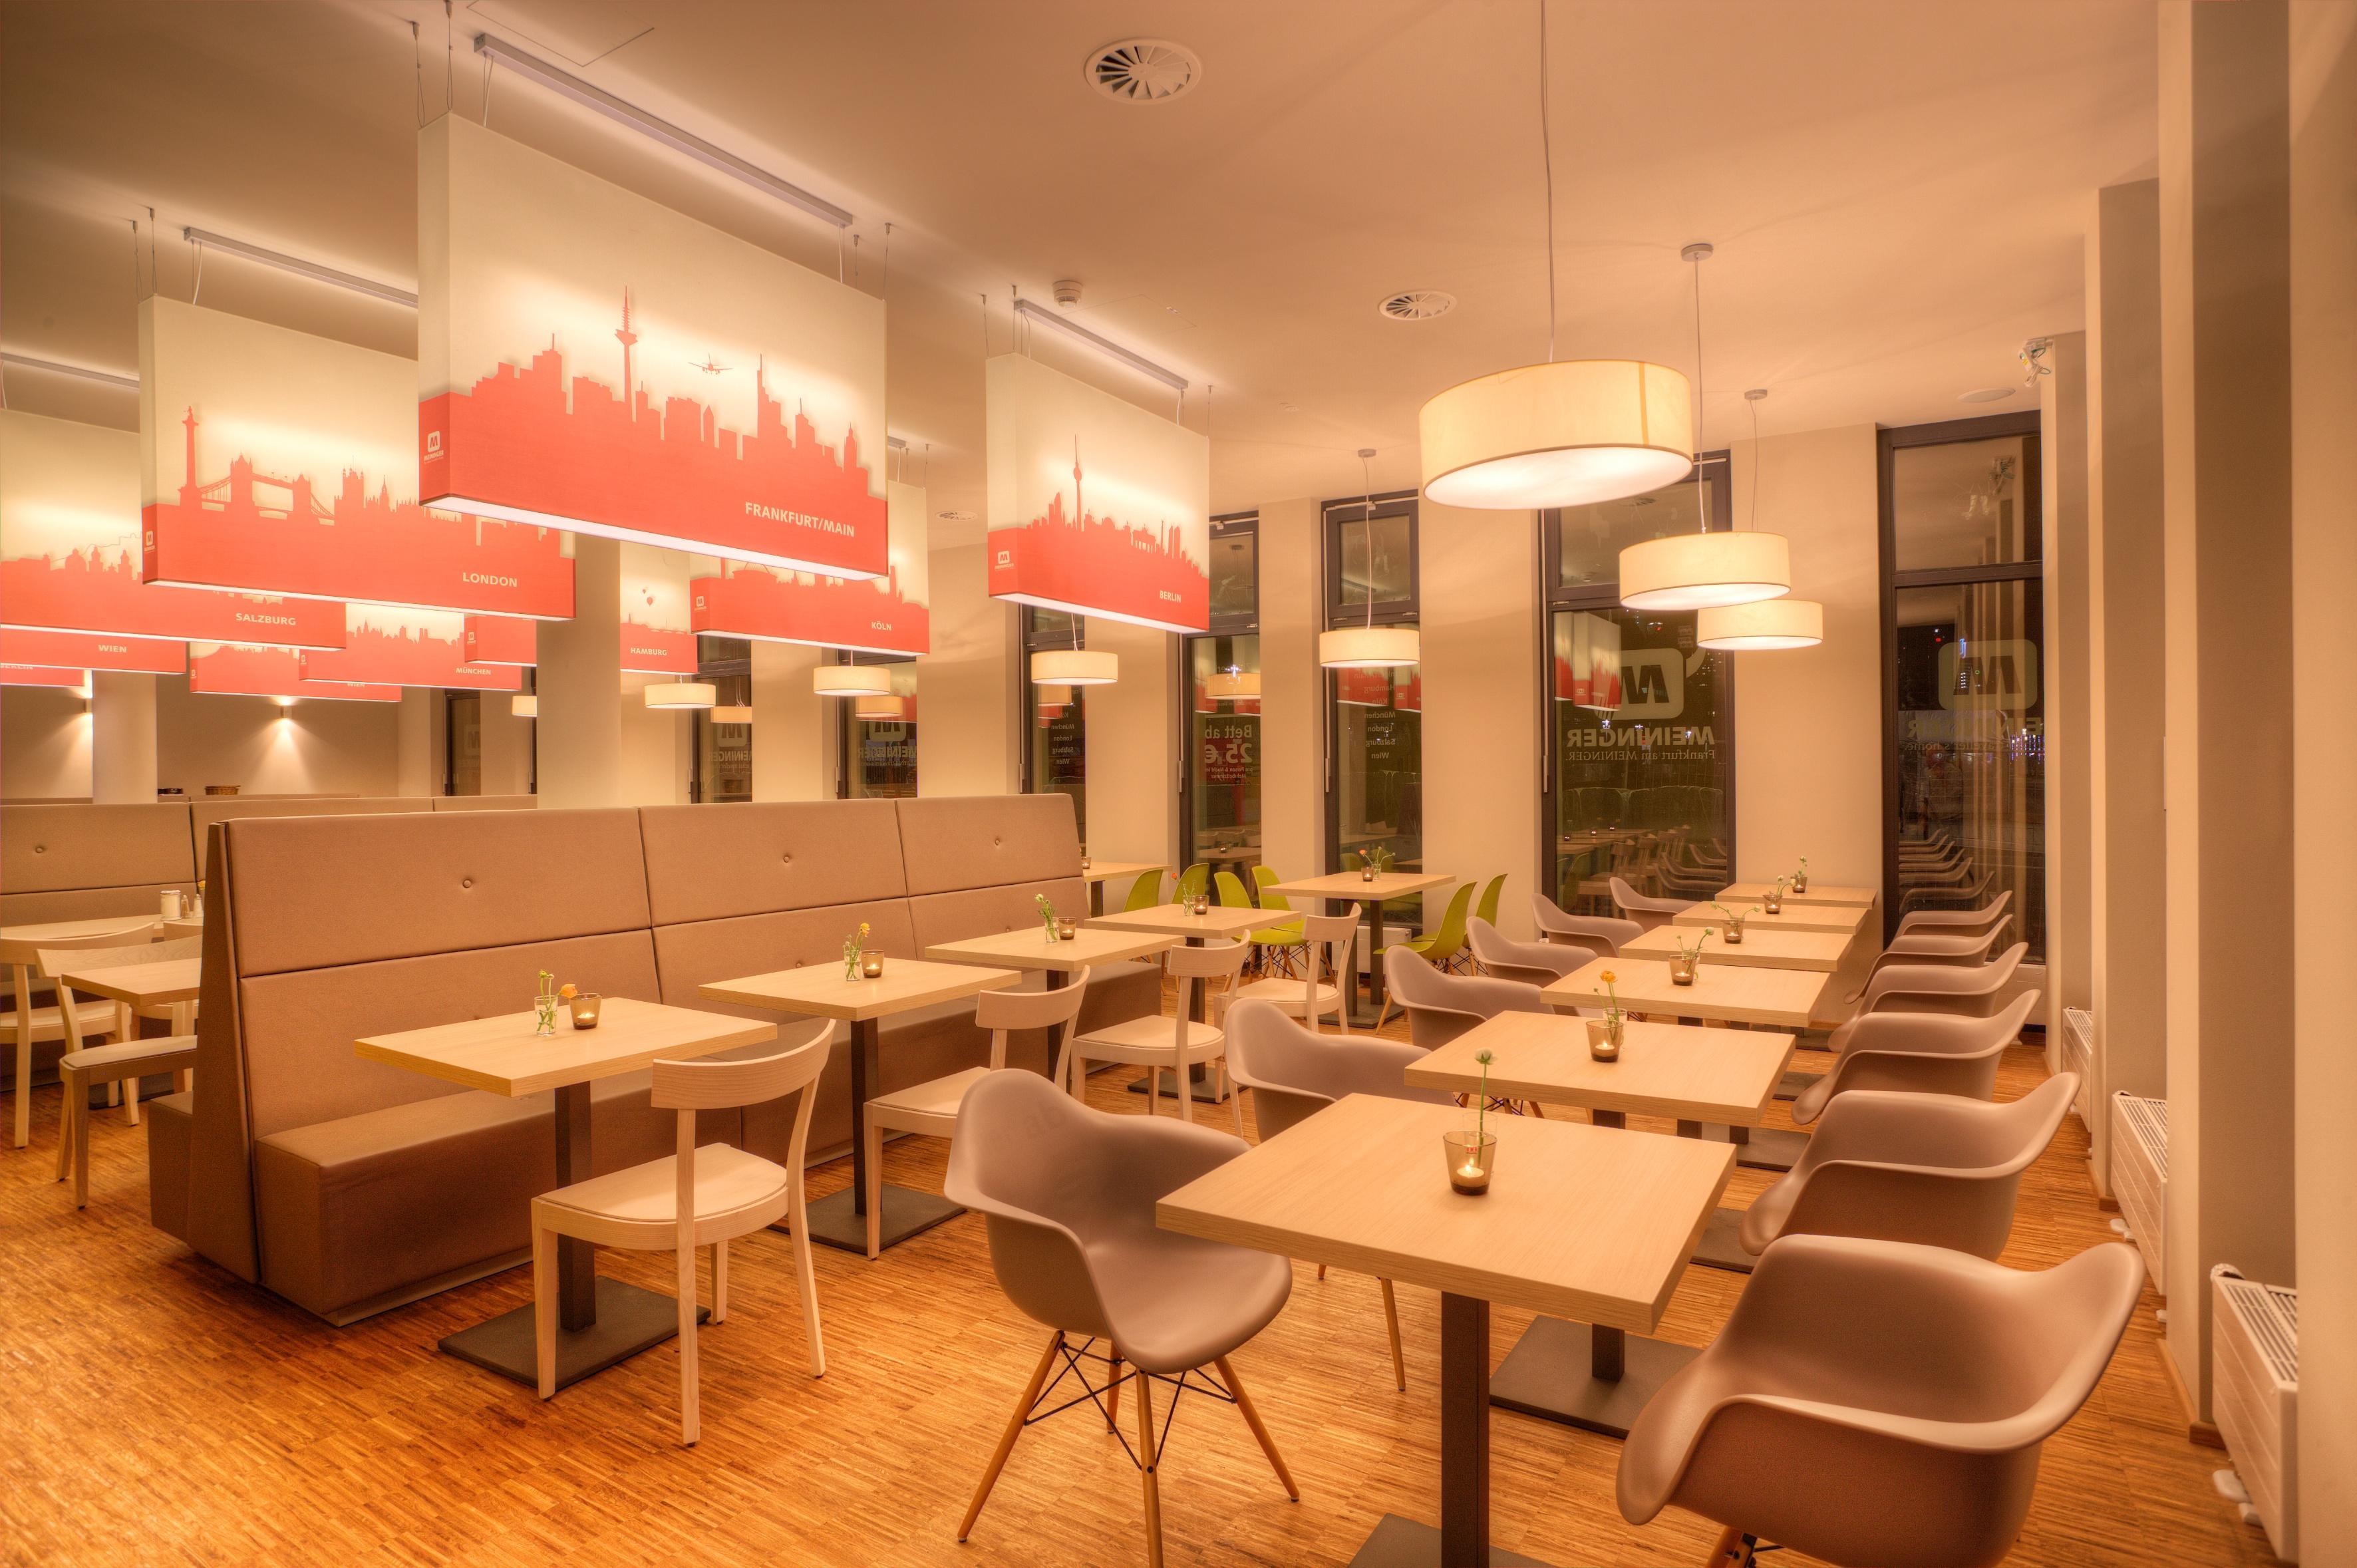 MEININGER Hotel Frankfurt/Main Messe - Frühstücksraum/ Buffet